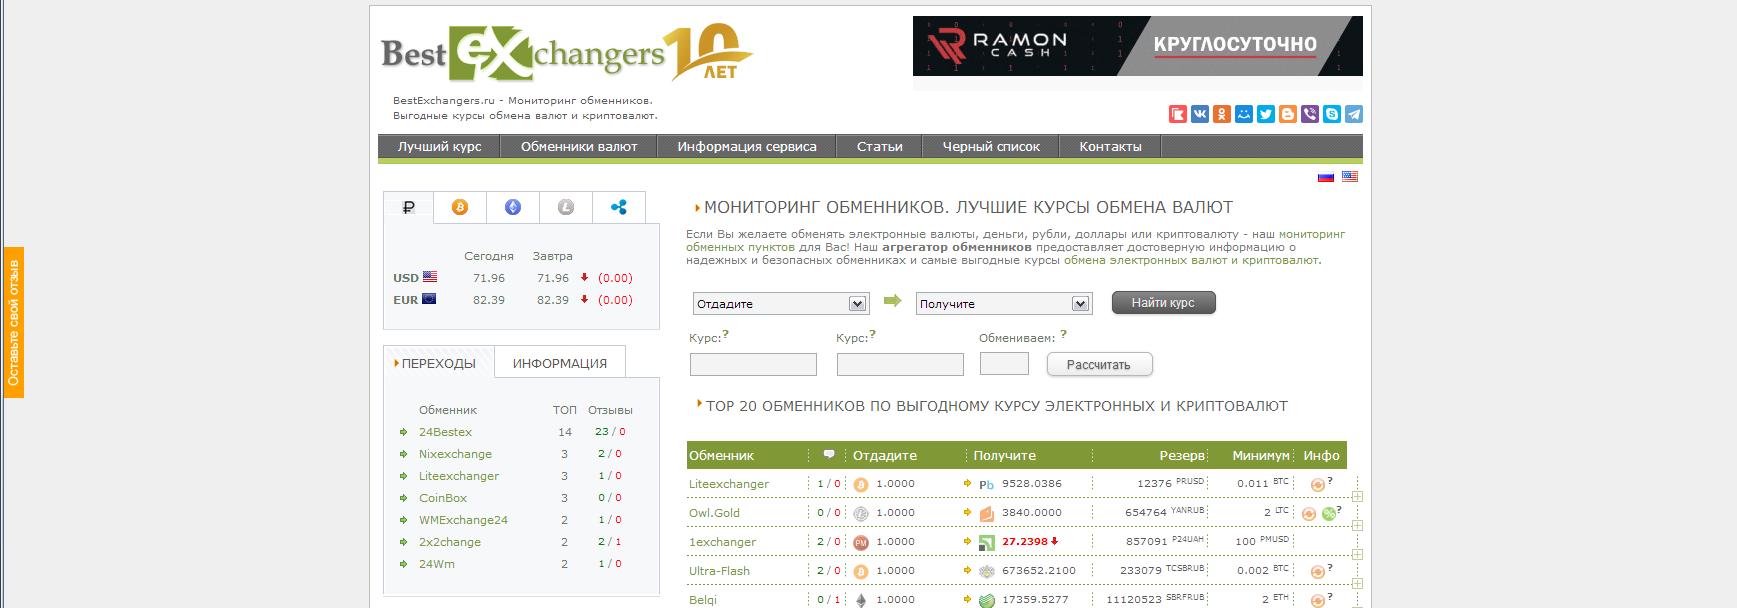 Bestexchangers.ru